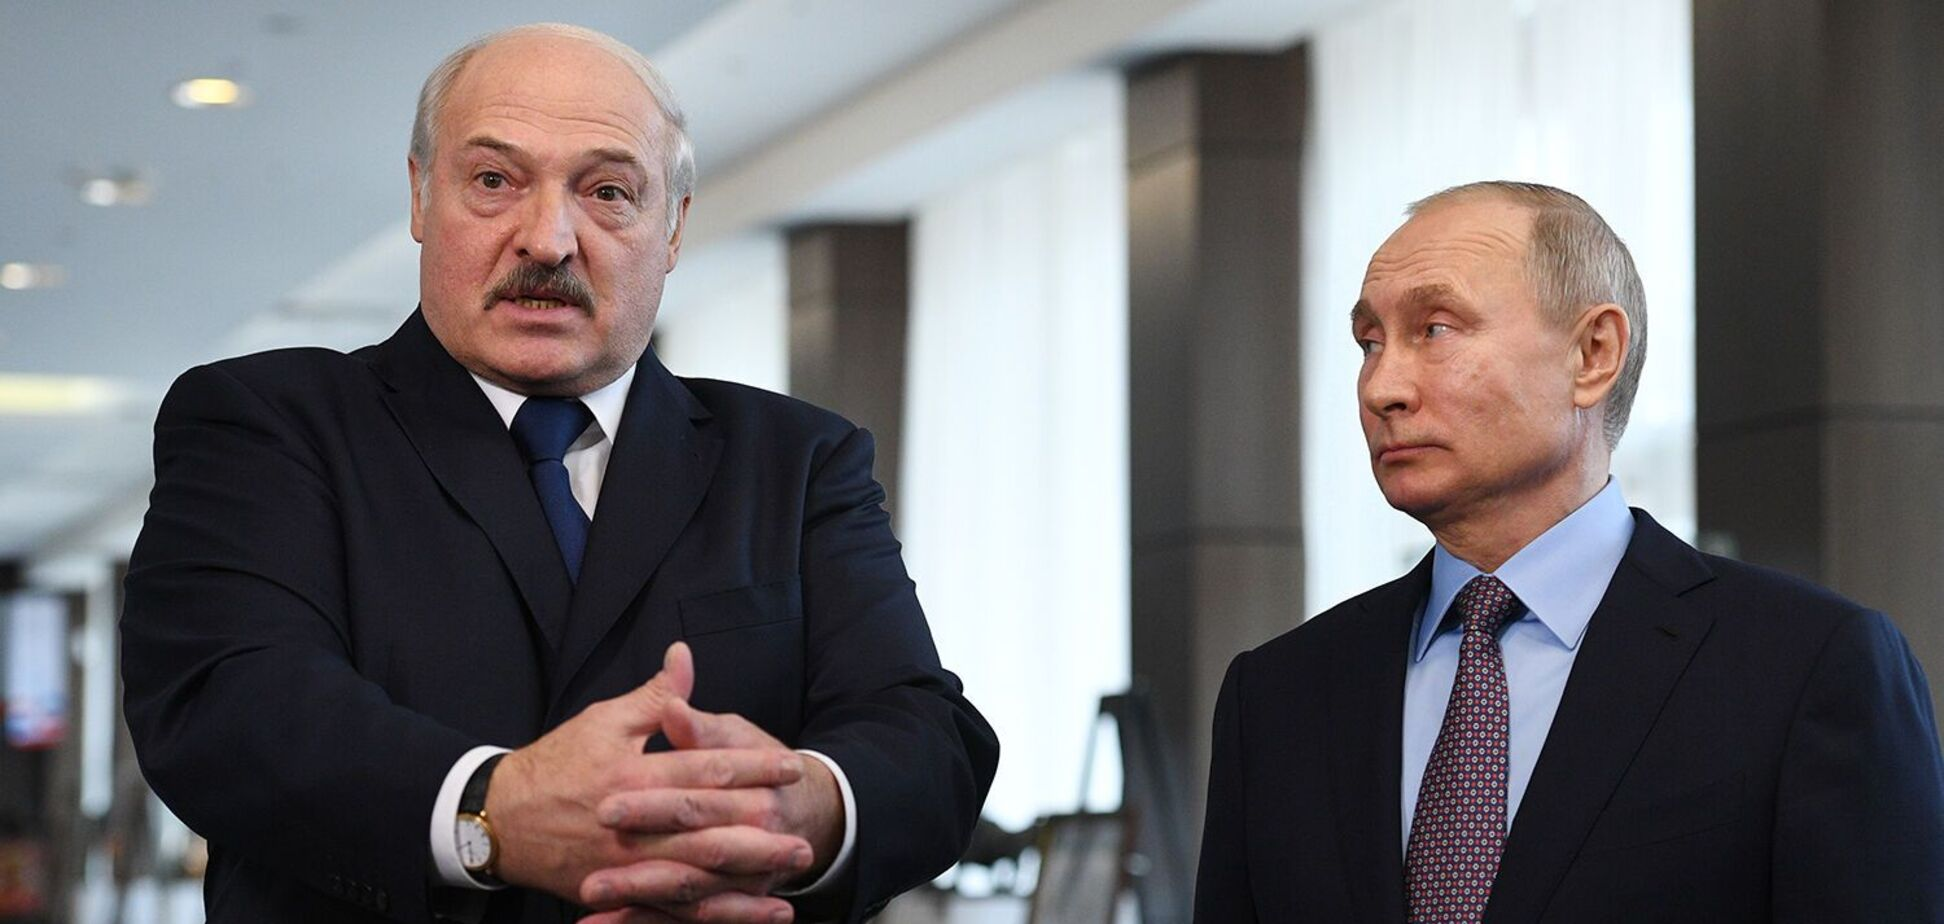 Лукашенко заявив про загрозу для Союзної держави і вирішив підключити Путіна